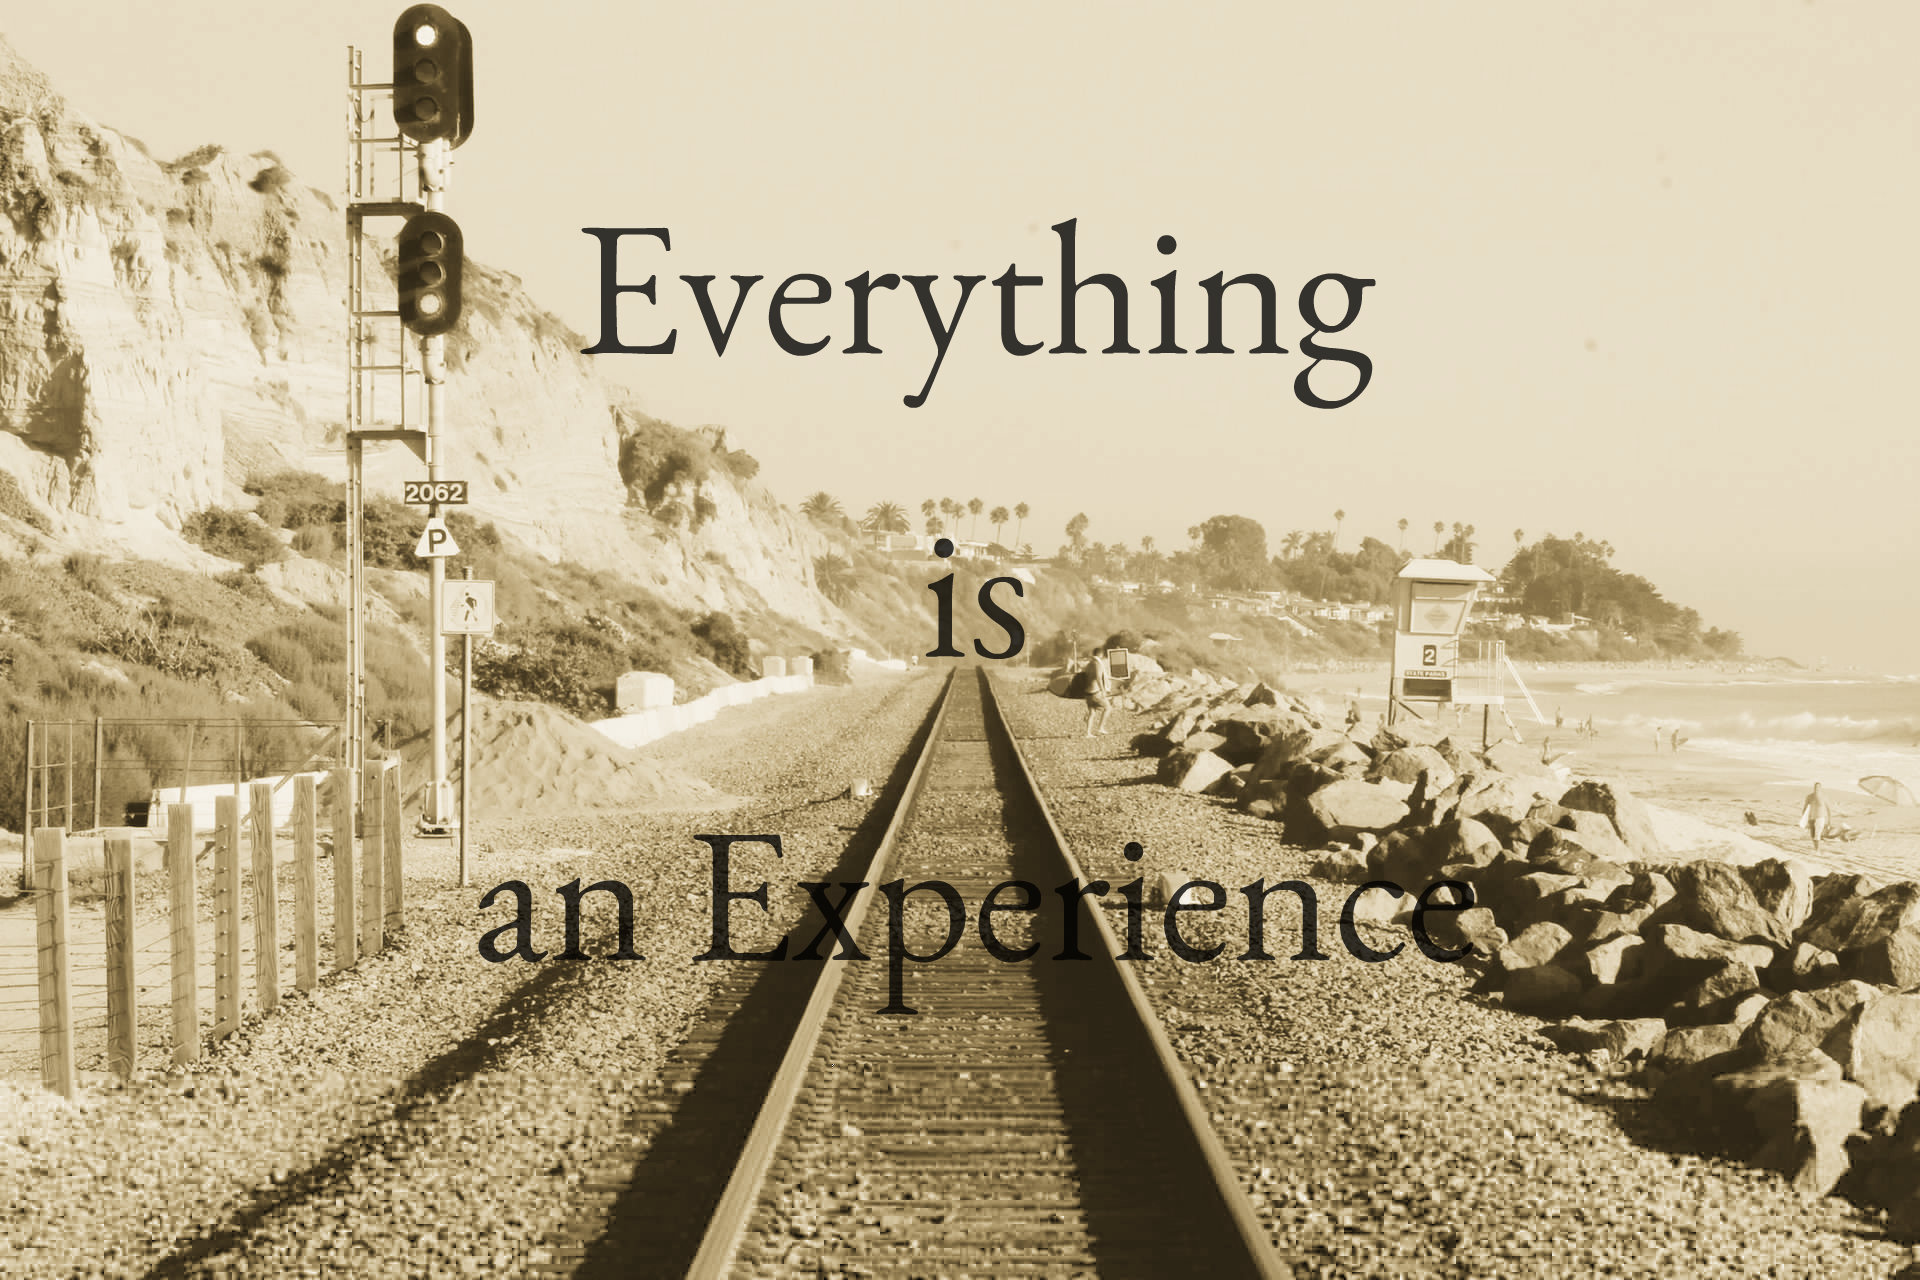 旅人から刺激を受けることもあると思うし失恋も失業も君の莫大な経験になると思う